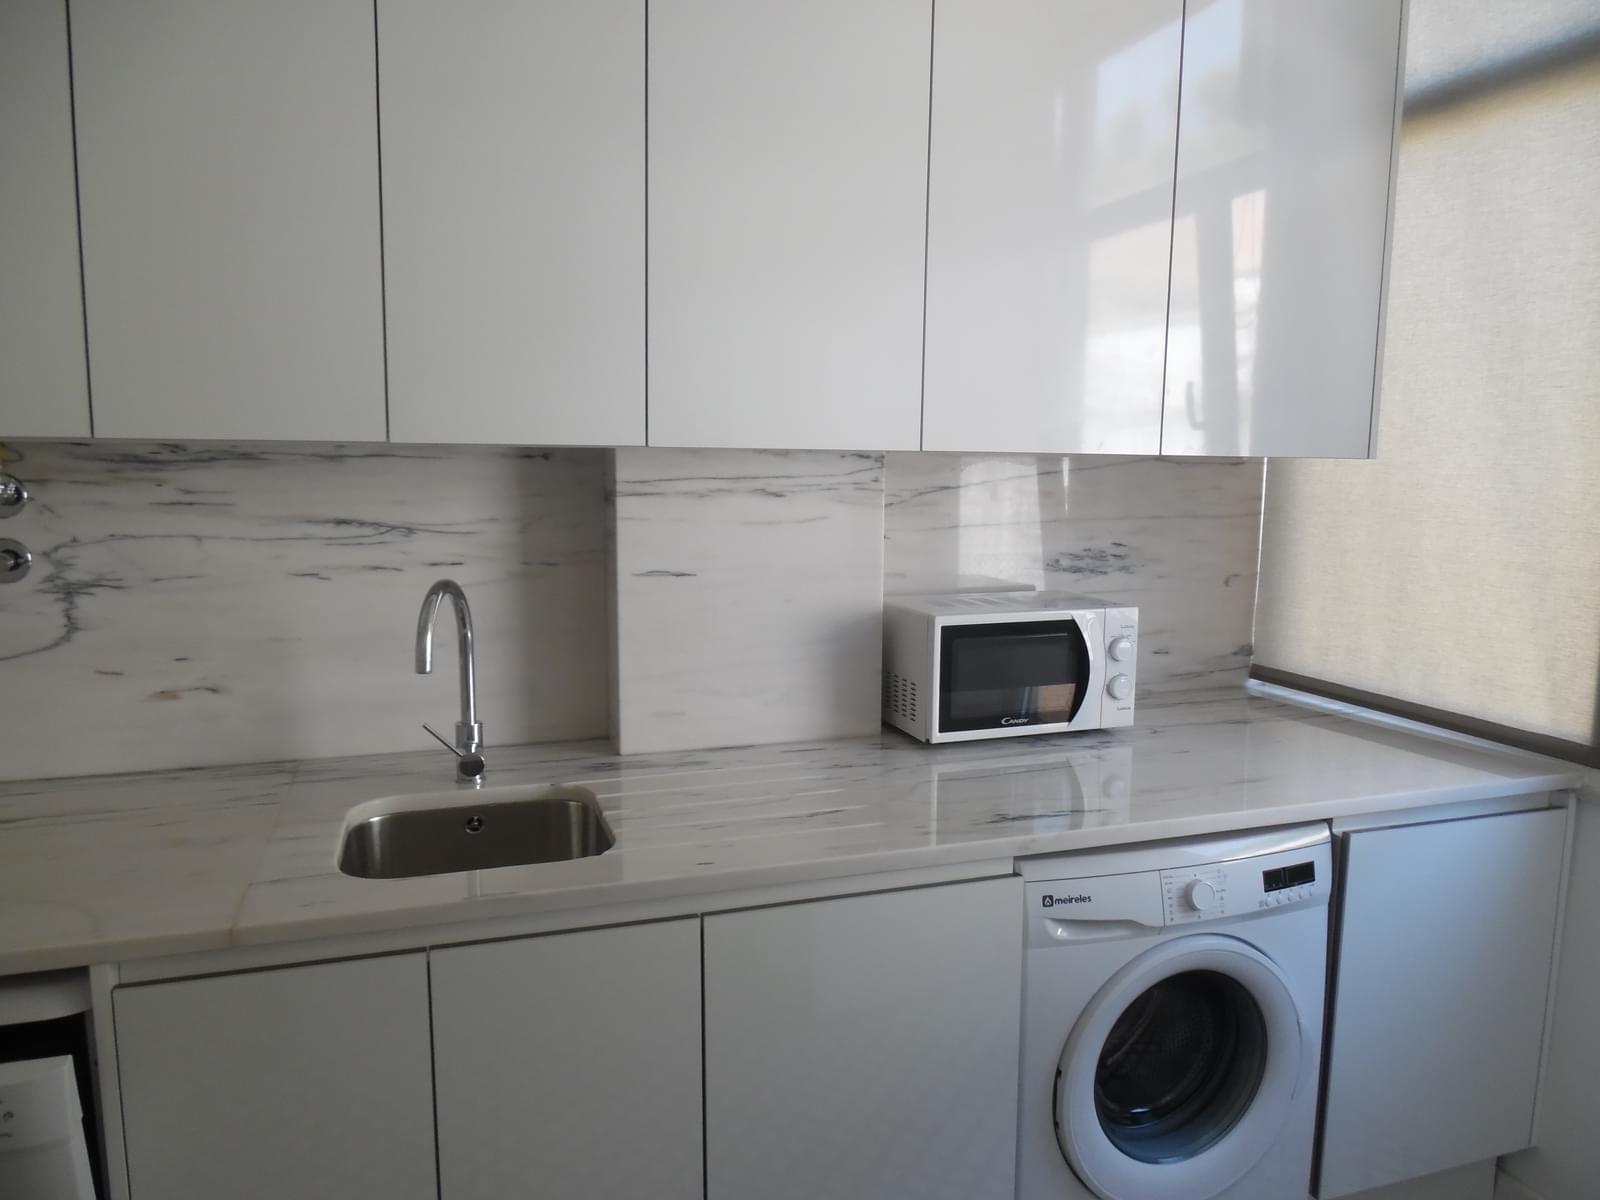 pf17256-apartamento-t2-lisboa-382e8fd2-c407-4818-a8b7-ca460c05bb4f